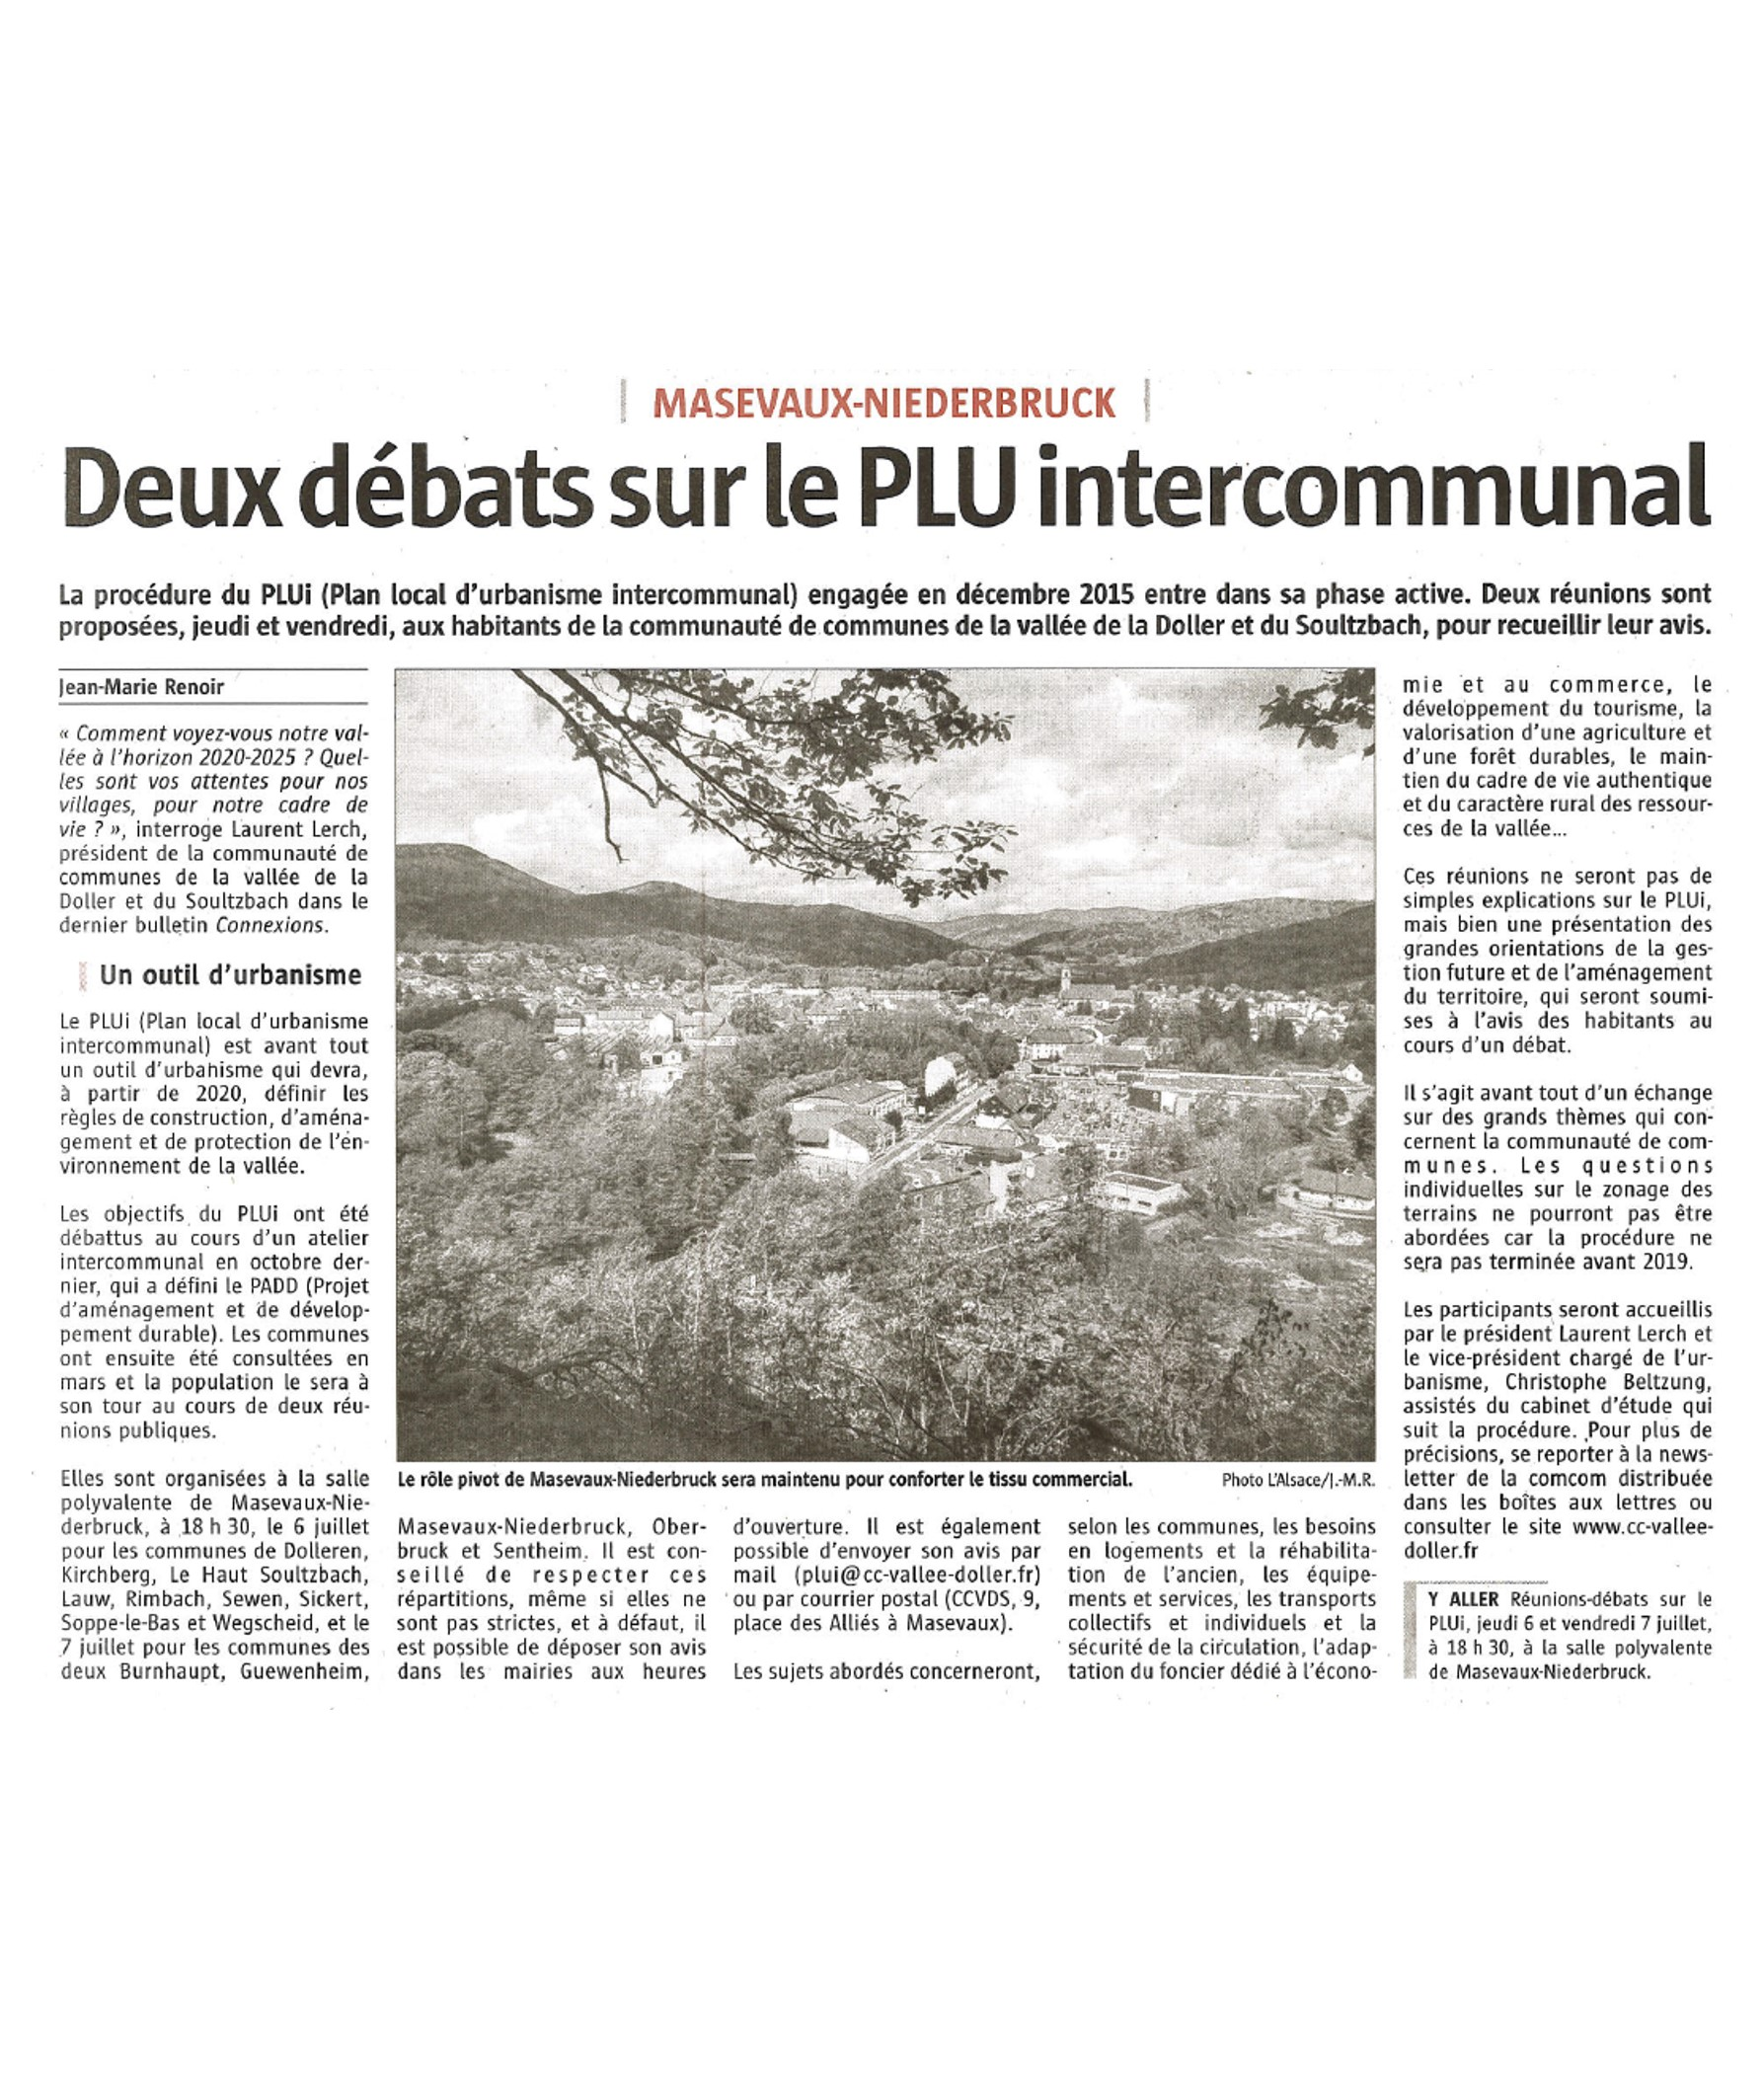 Deux débats sur le PLU intercommunal - L'Alsace - 03-07-2017